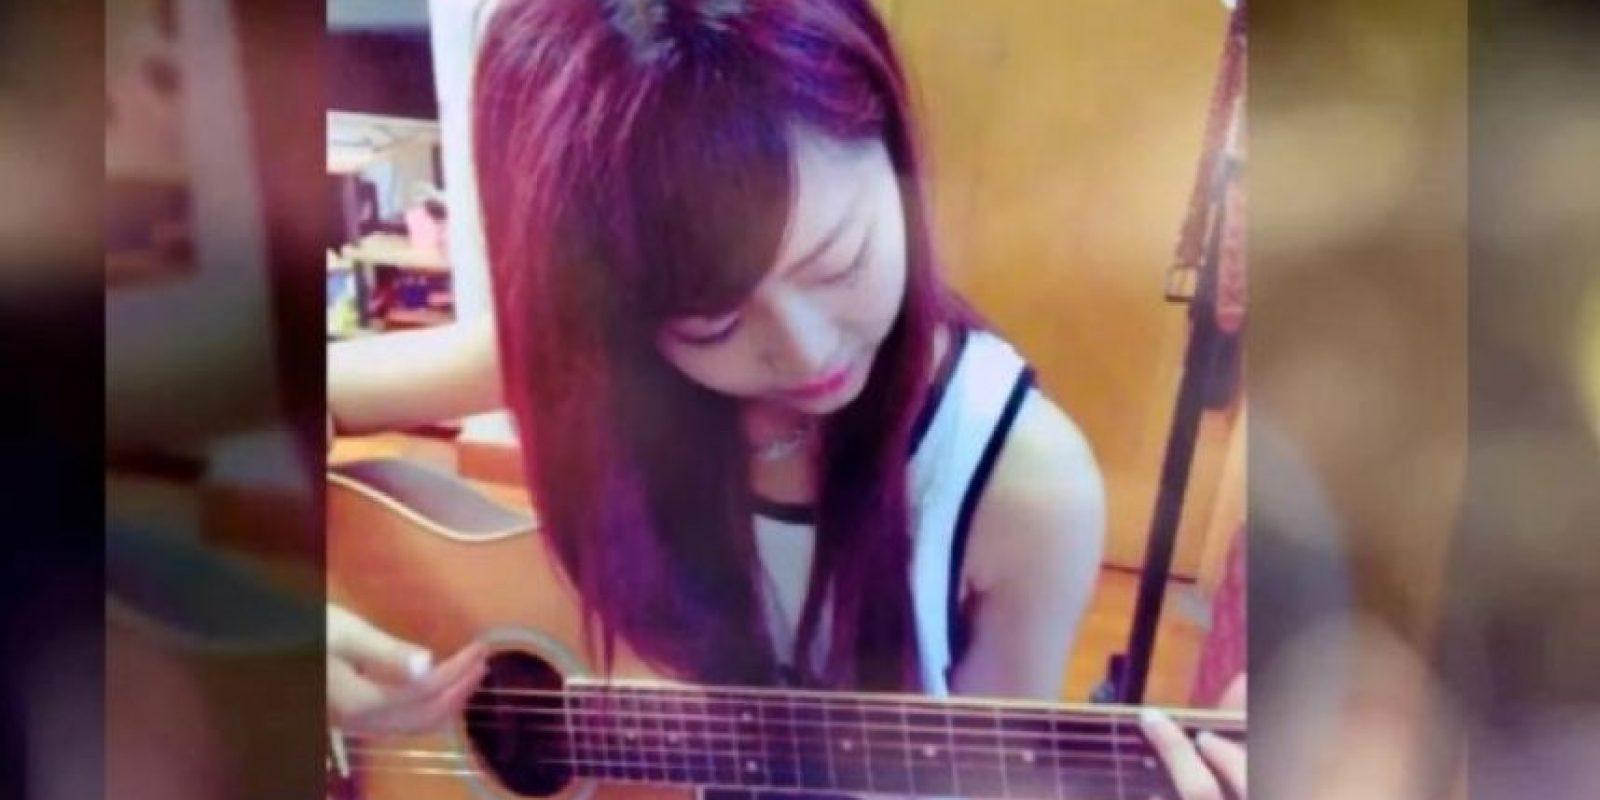 Wei menciona en su cuenta de Instagram que le gusta cantar y tocar la guitarra, sin embargo, no se considera buena en ello. Foto:Vía Instagram/@pppig